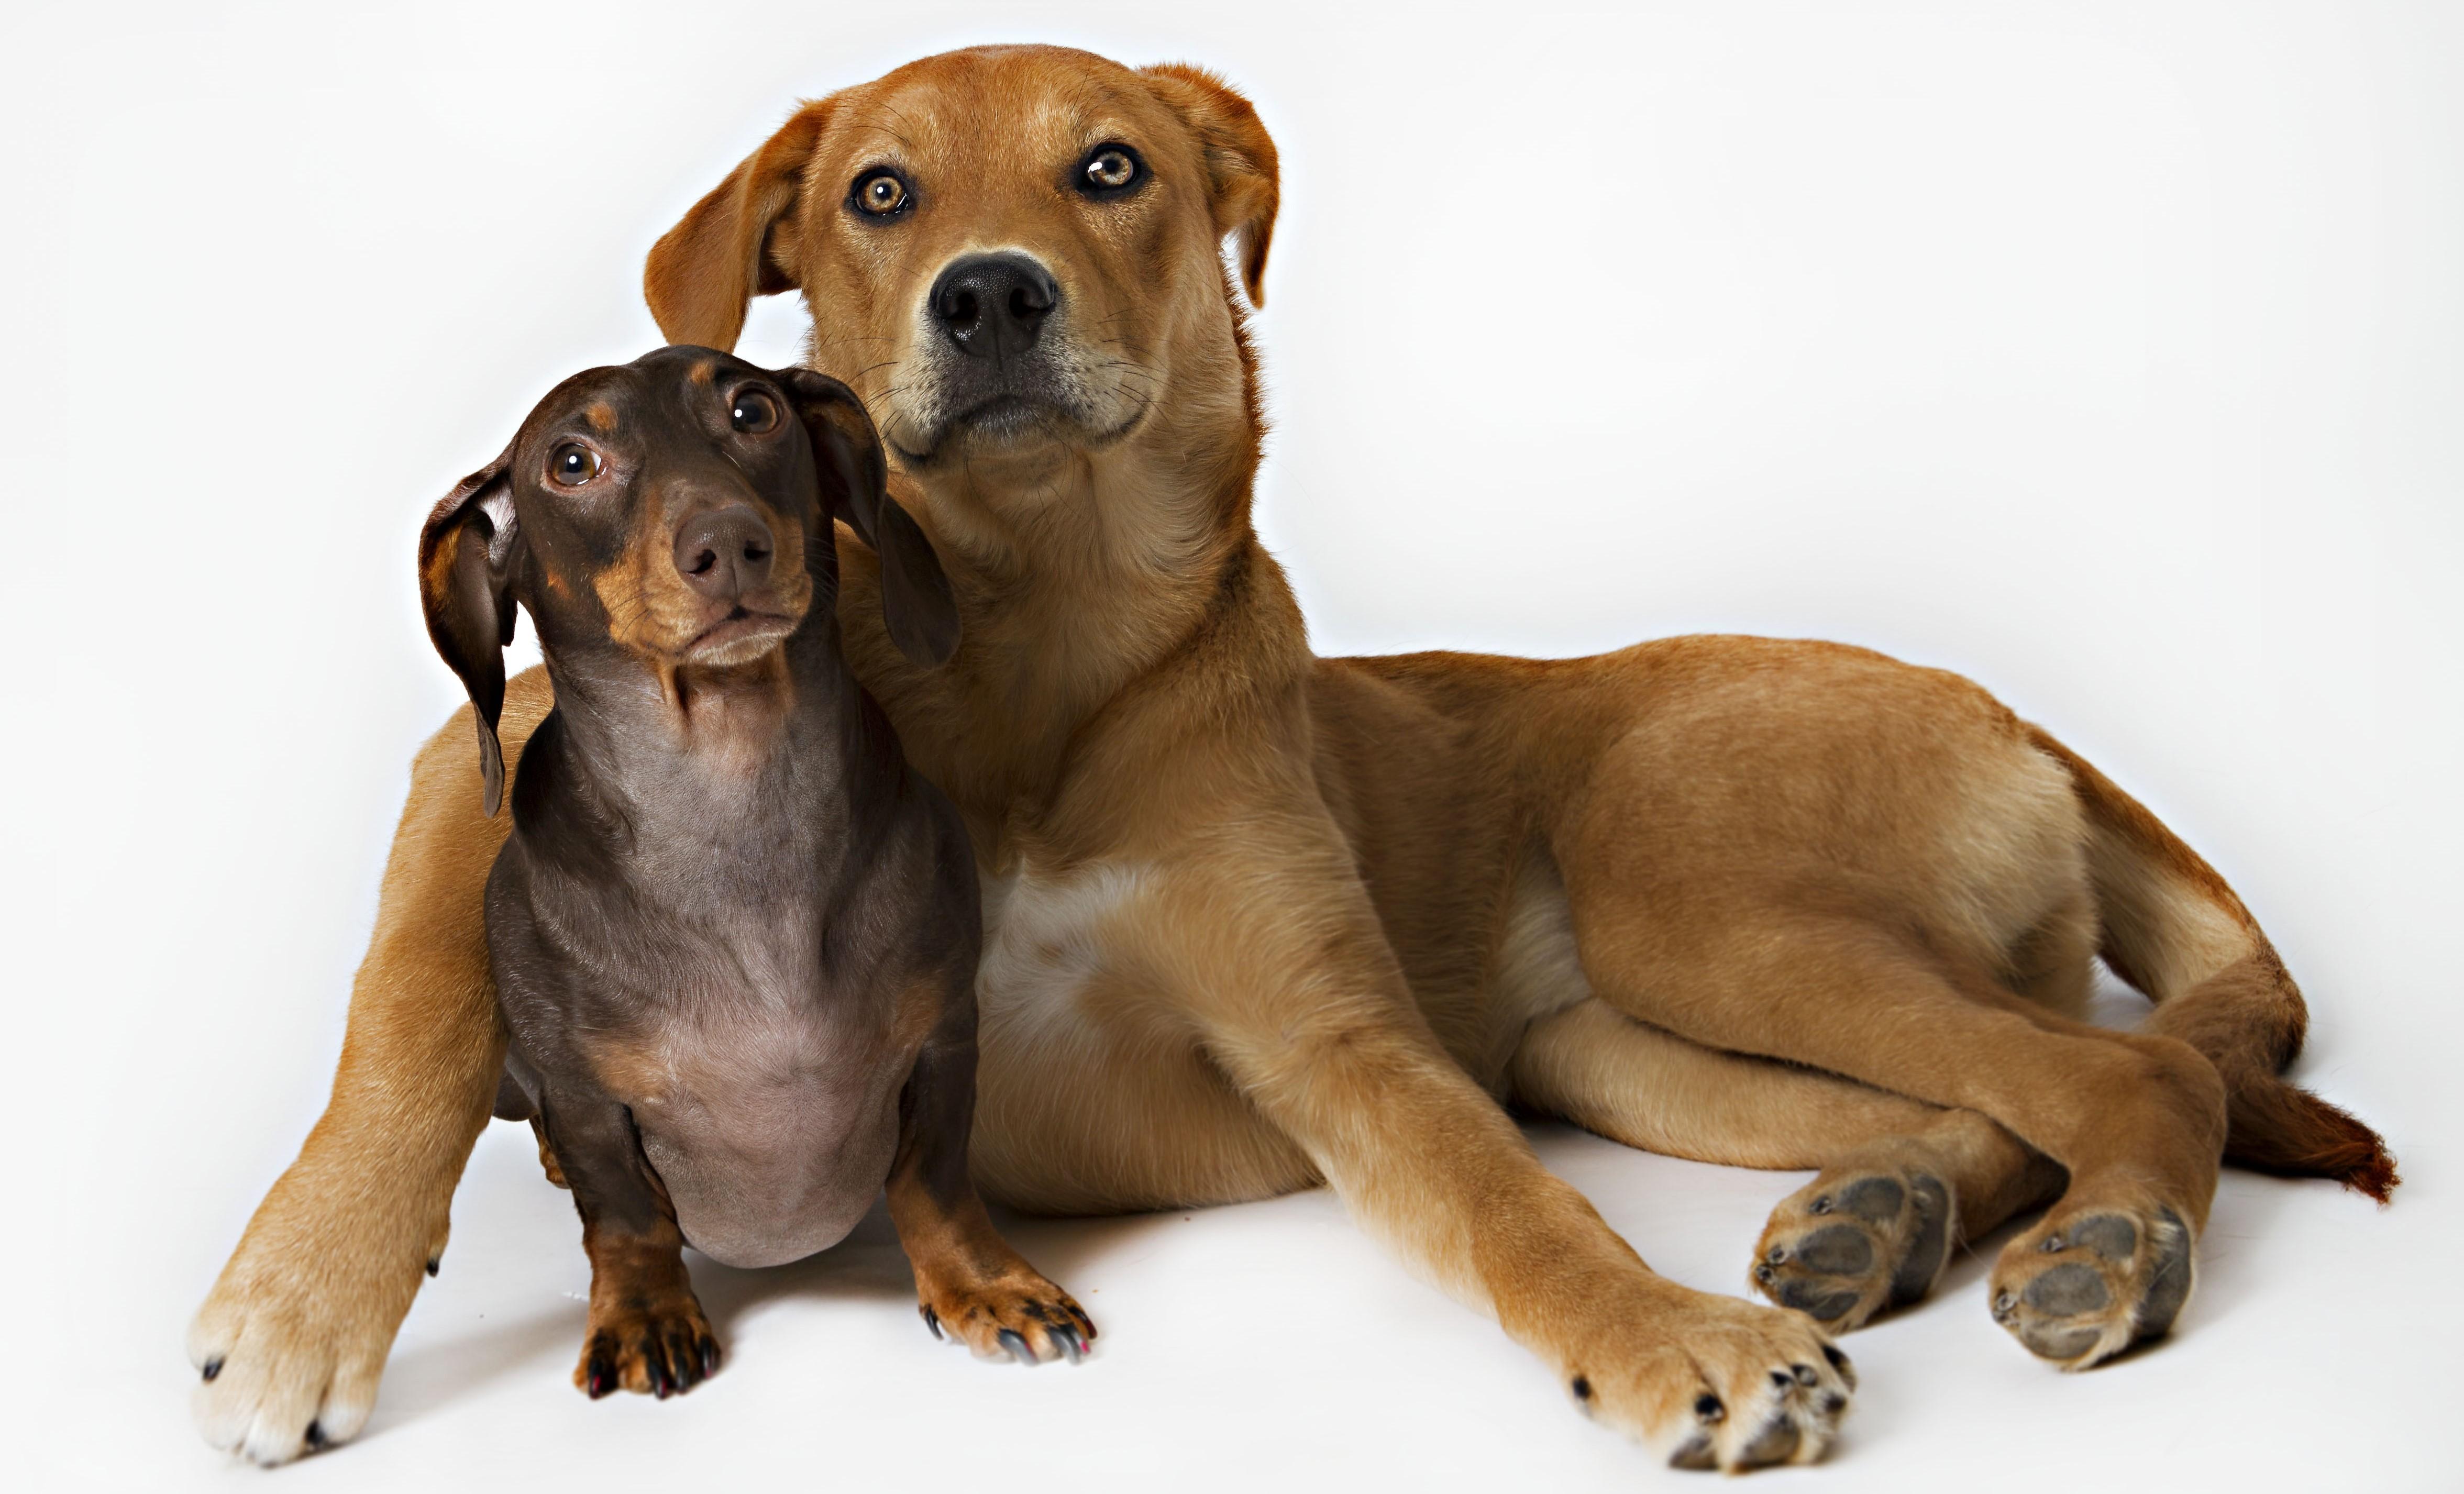 Quels sont les avantages de posséder un animal de compagnie?